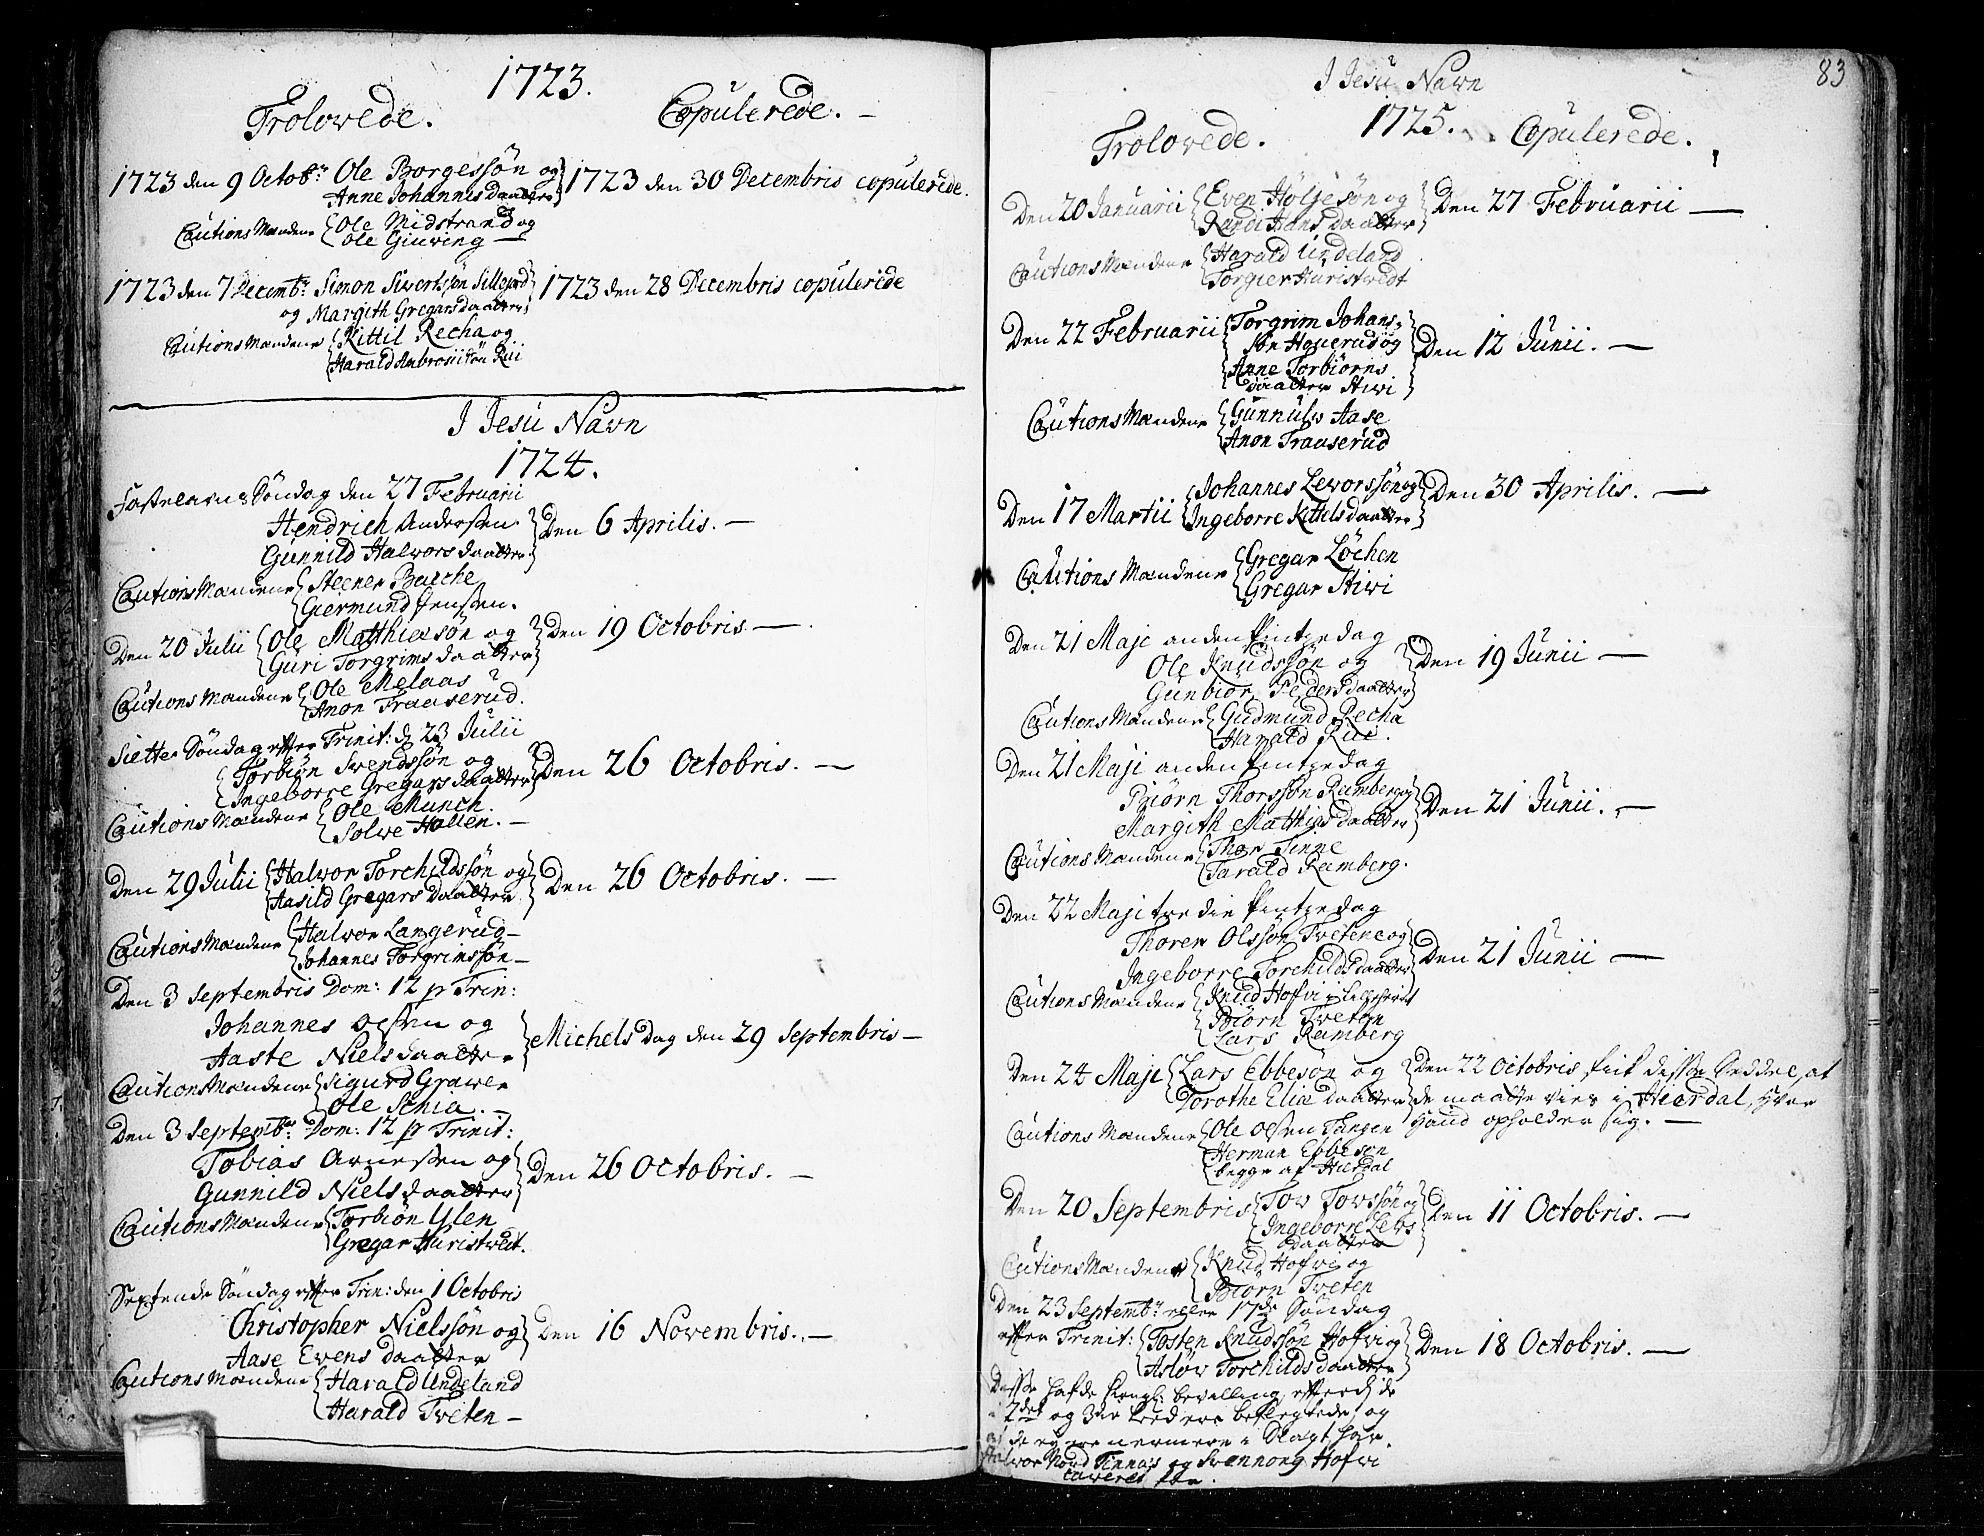 SAKO, Heddal kirkebøker, F/Fa/L0003: Ministerialbok nr. I 3, 1723-1783, s. 83